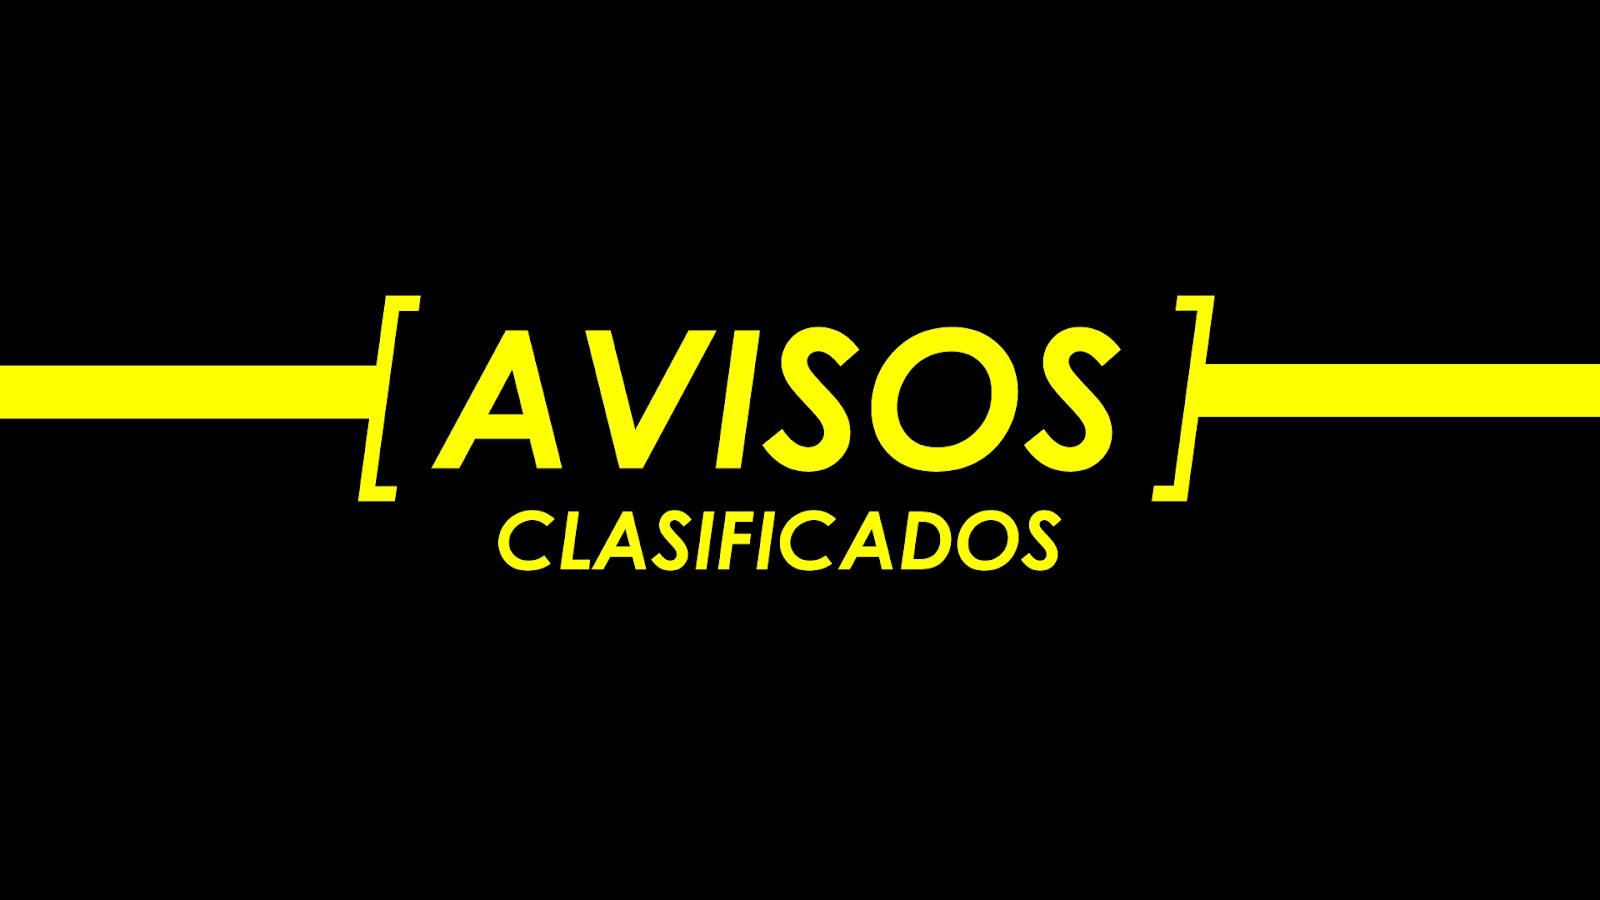 Yosoypopo 105 avisos clasificados for Anuncios clasificados gratis